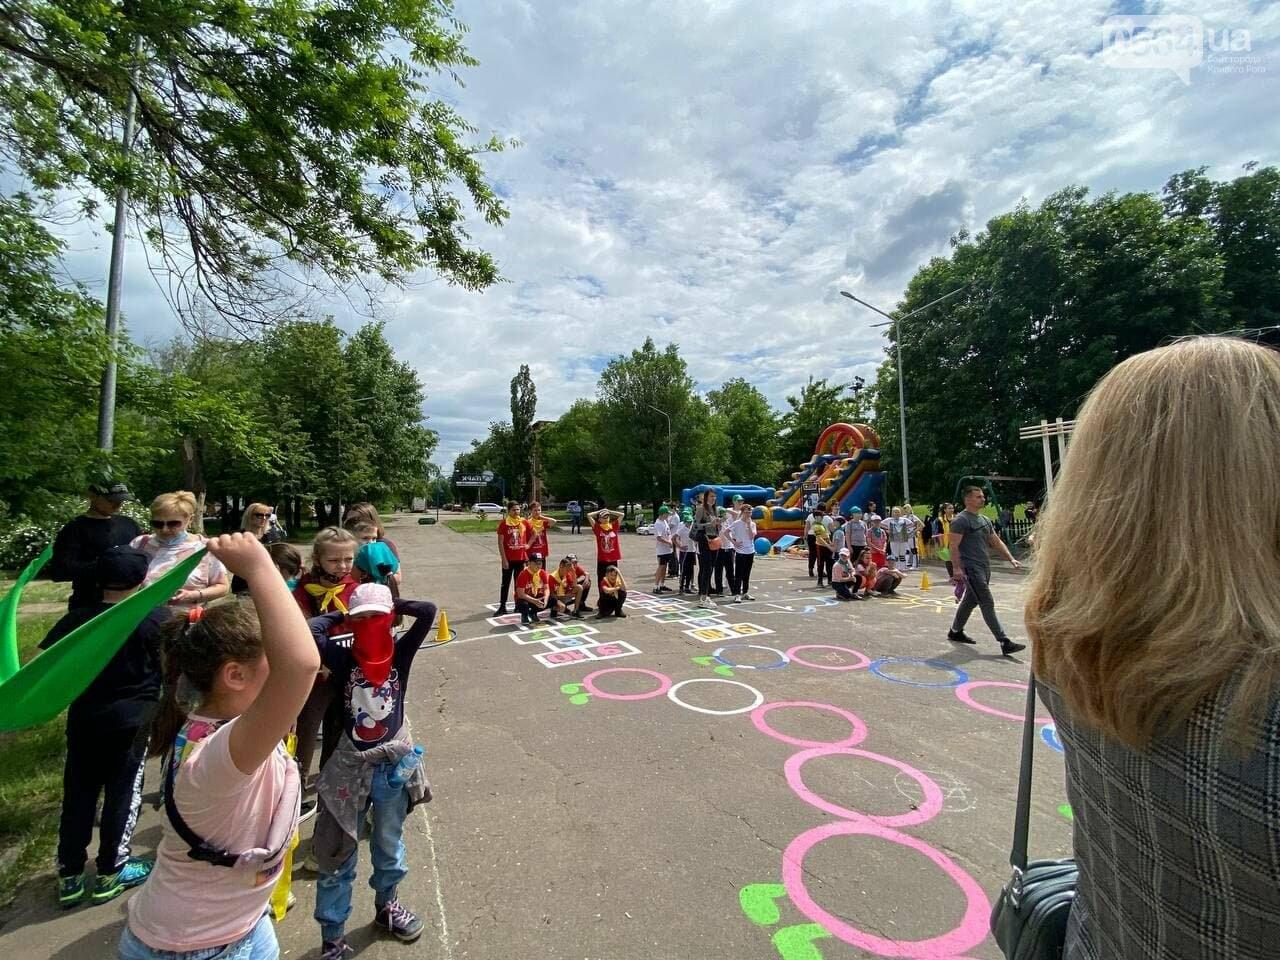 В Кривом Роге для детей провели спартакиаду, - ФОТО, ВИДЕО  , фото-62